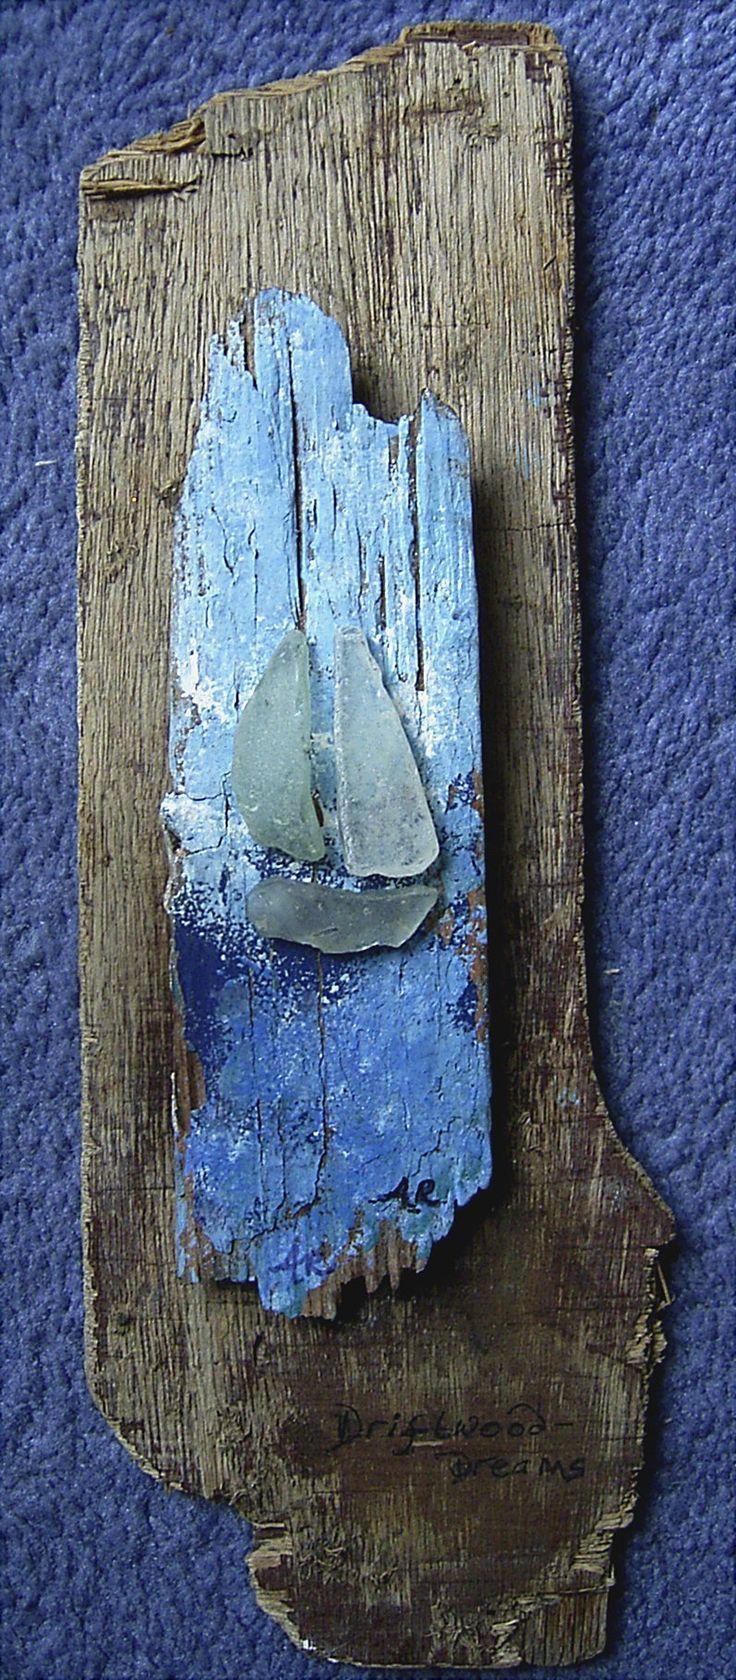 A driftwood sculpture: Artist Anita Russell